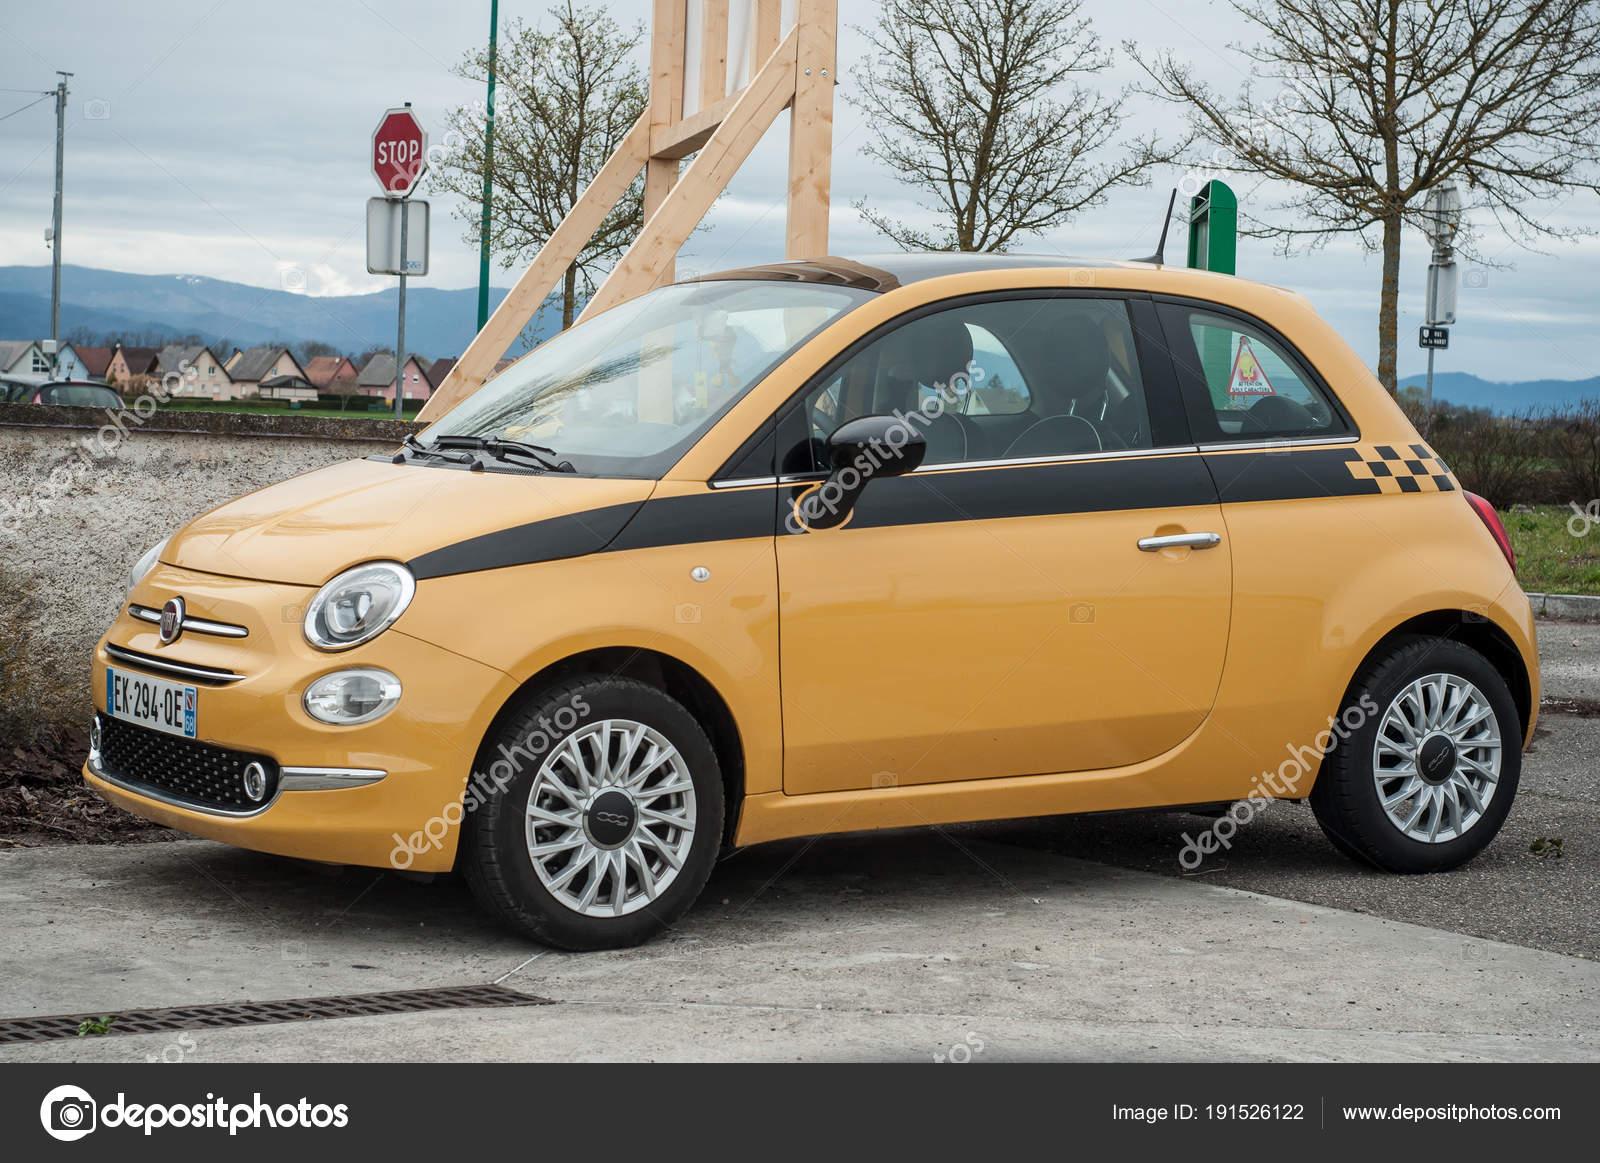 Oryginał Żółty fiat 500 zaparkowany na wiejskiej drodze - Zdjęcie stockowe LA06